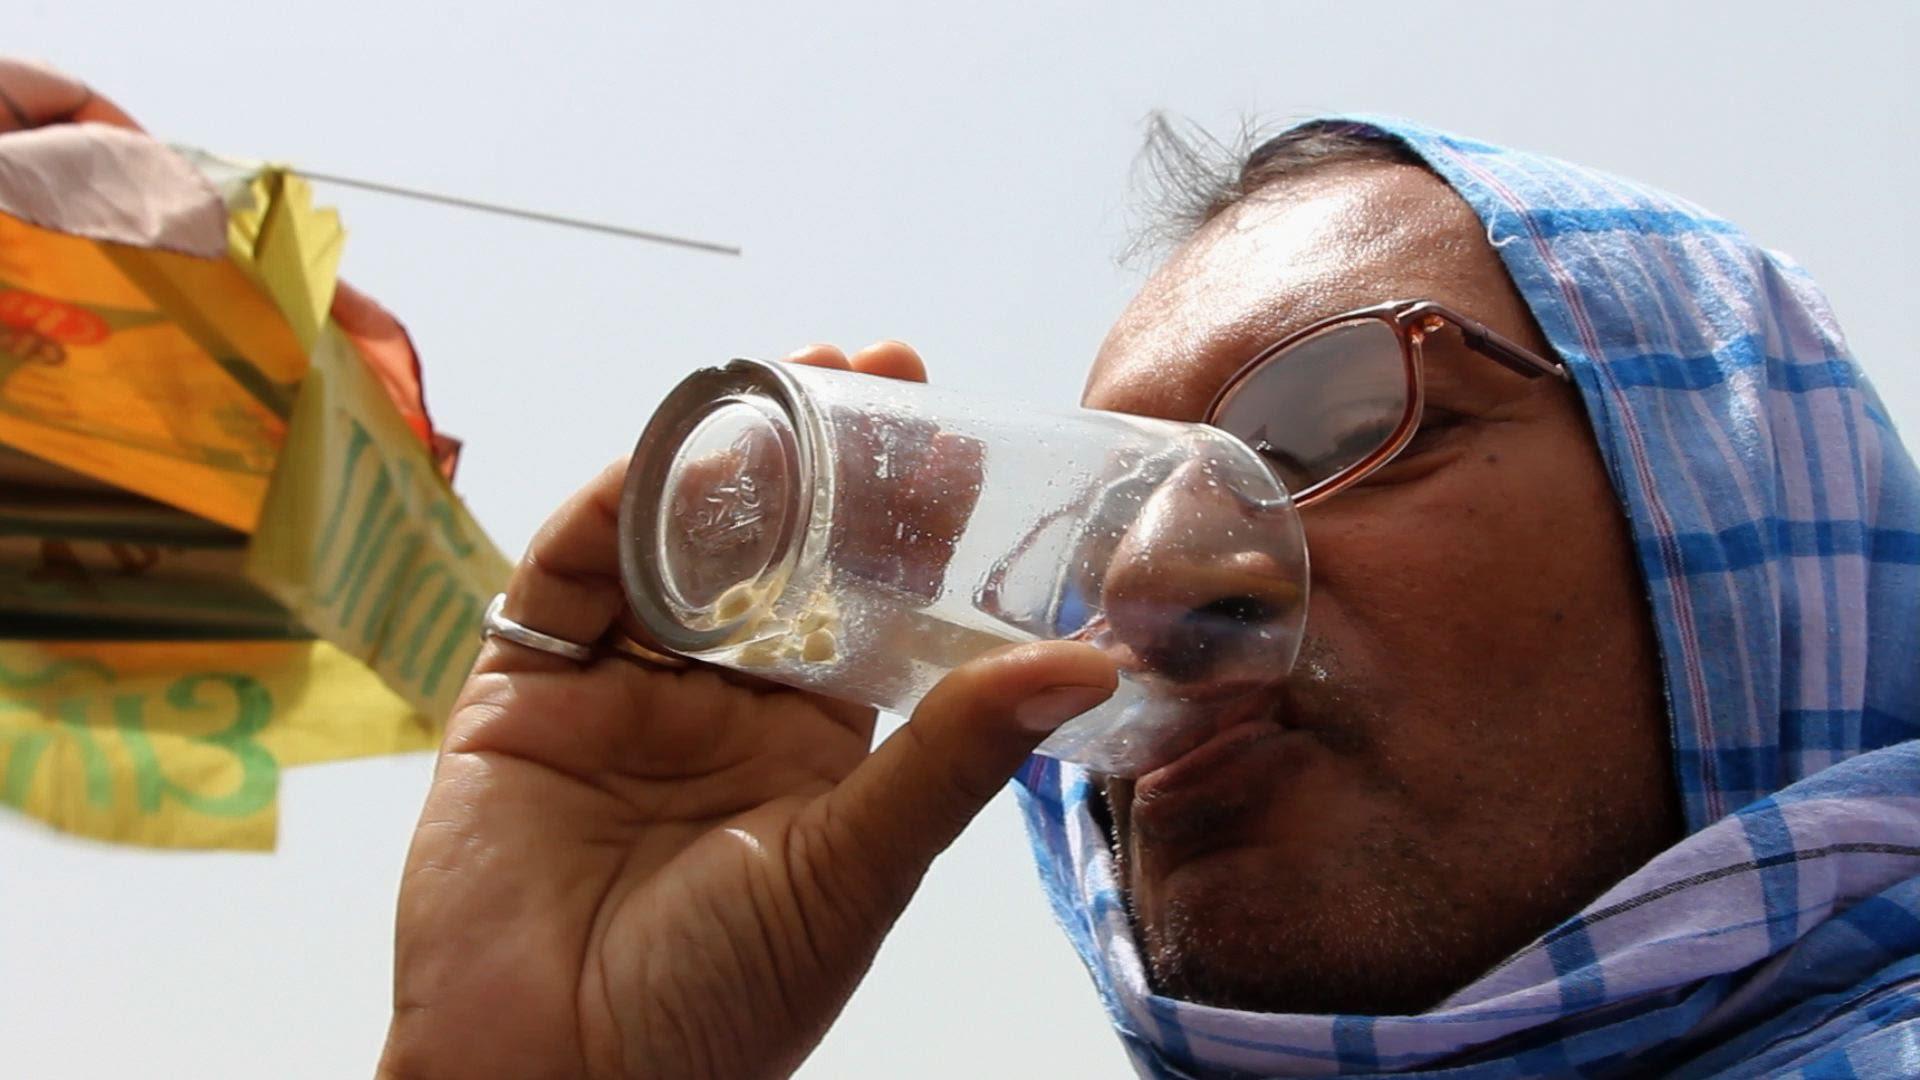 【インド熱波】最高気温がなんと45度!死者は2000人超に・・・